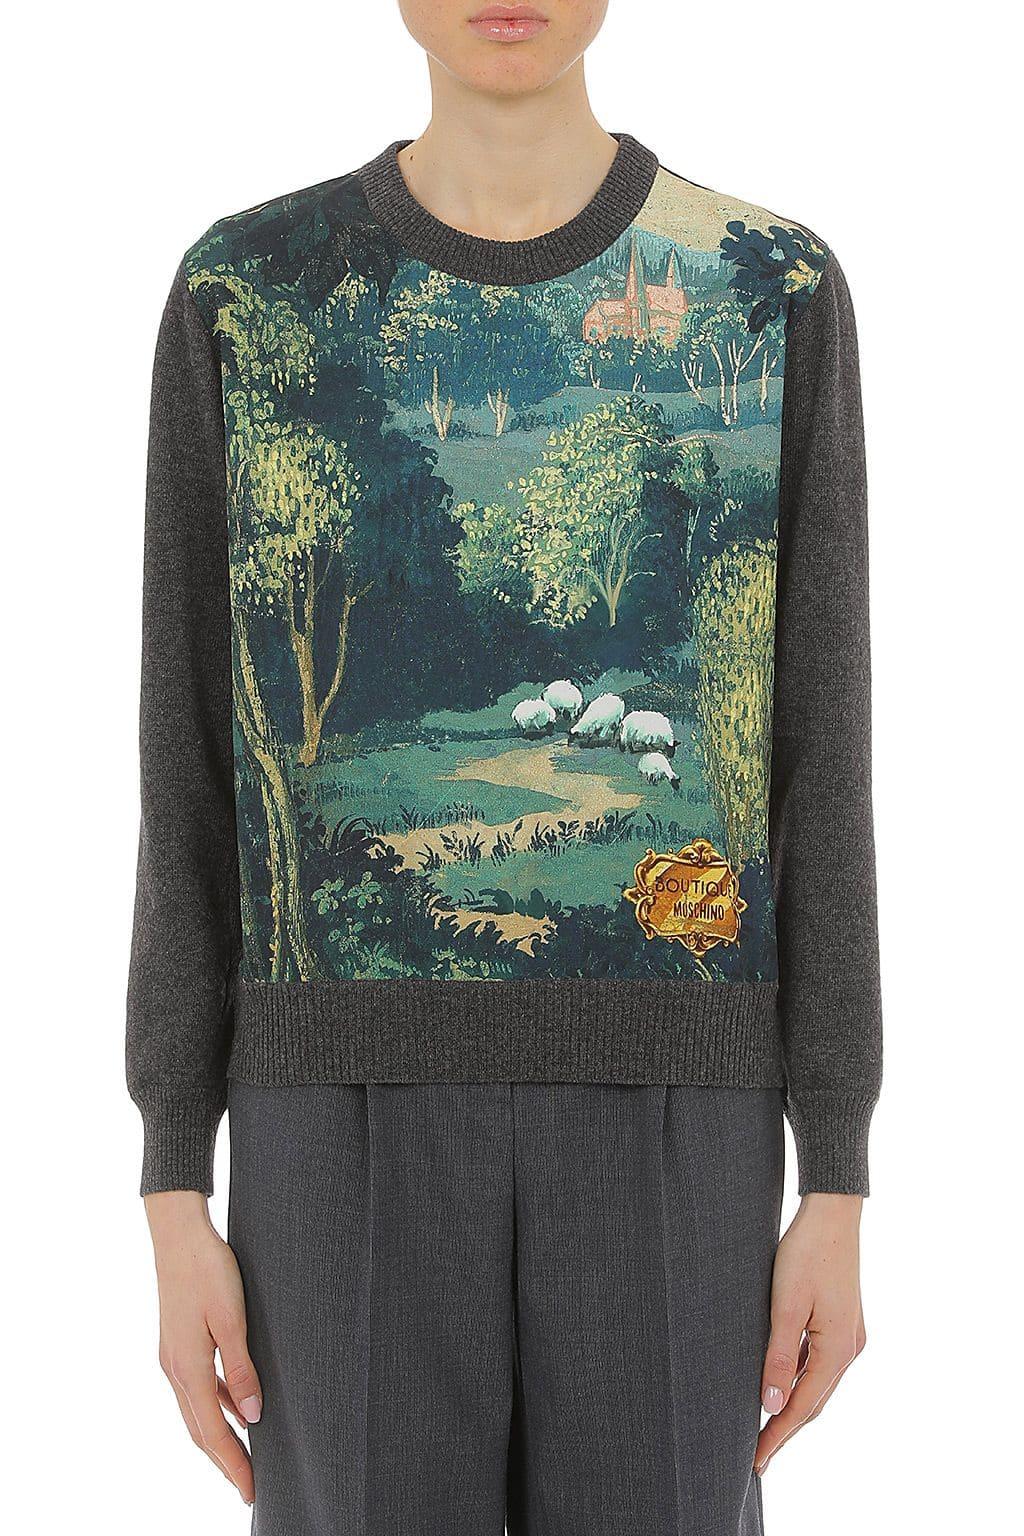 Dame trägt einen grau-grünen Pullover von Boutique Moschino